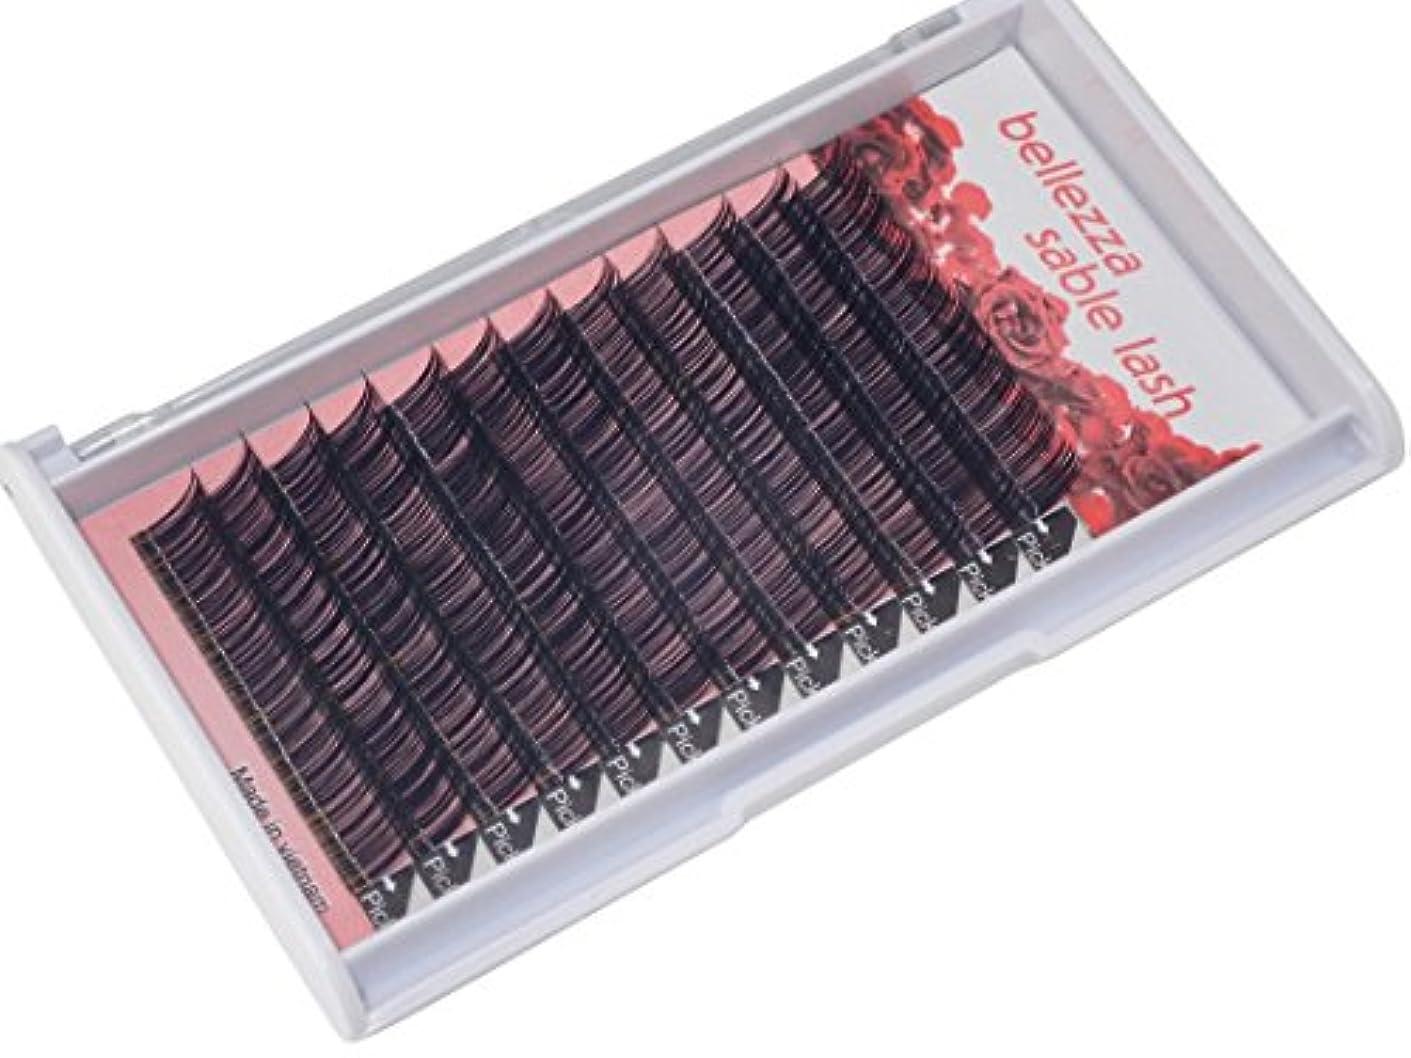 弱まる新鮮な情熱的bellezza セーブルボリュームラッシュ 太さ 0.06mm Cカール (10mm)